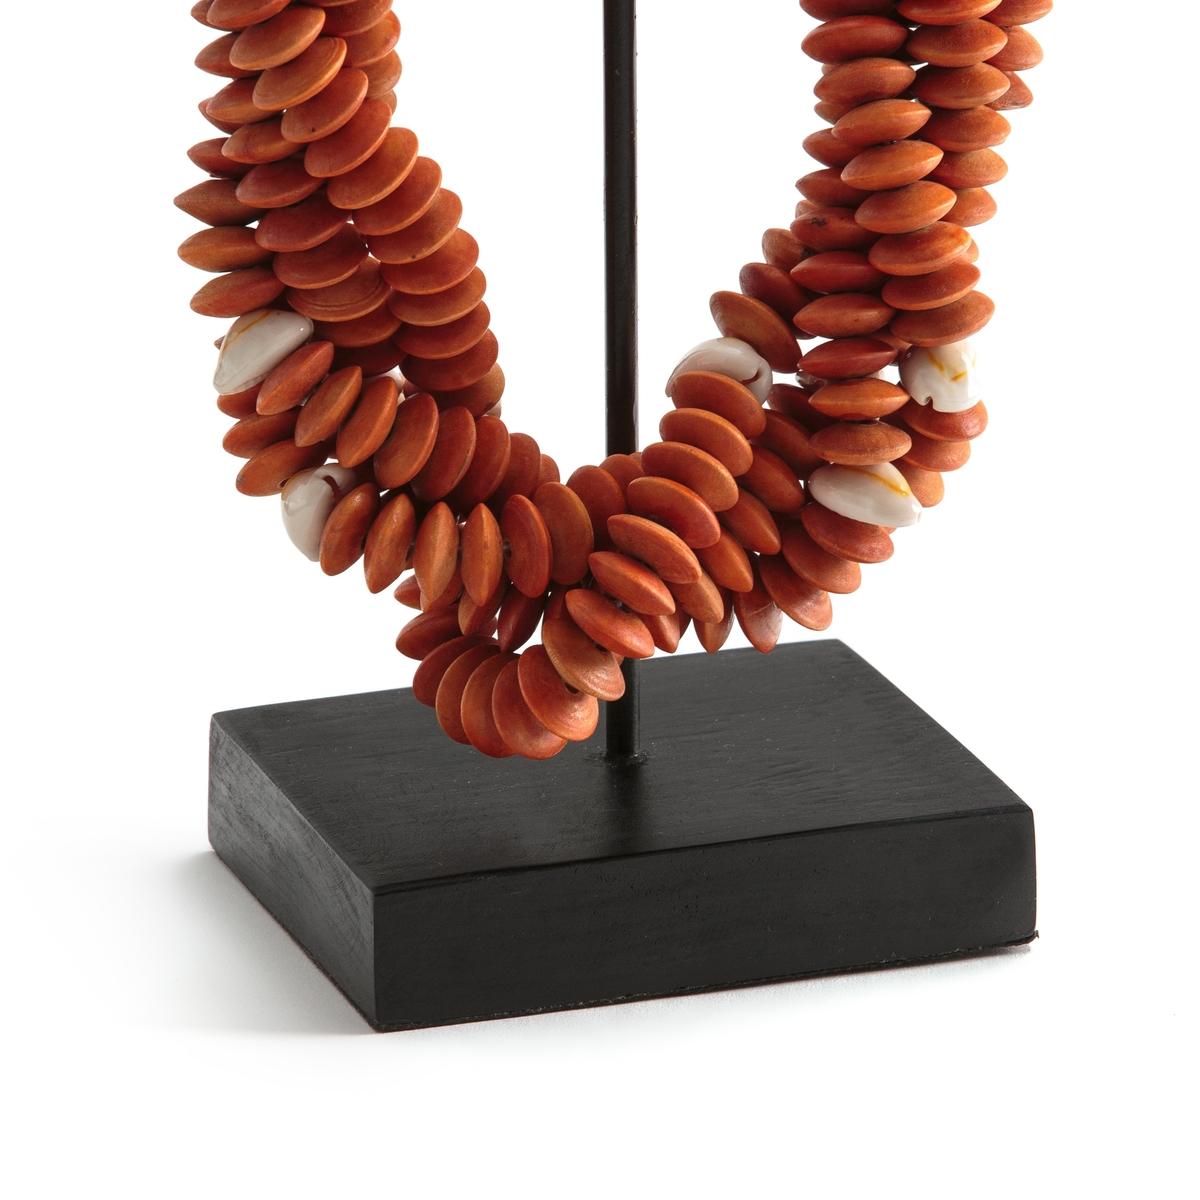 Декор из ракушек, TimorusПредмет декора Timorus. Добавьте нотку в этническом стиле в ваш декор с этим колье с острова Тимора из Южной Азии  . Из ракушек на веревке и основанием из металла . Ручная работа, каждое изделие уникально . Размеры : L15 x H40 x P10 см .<br><br>Цвет: оранжевый<br>Размер: единый размер